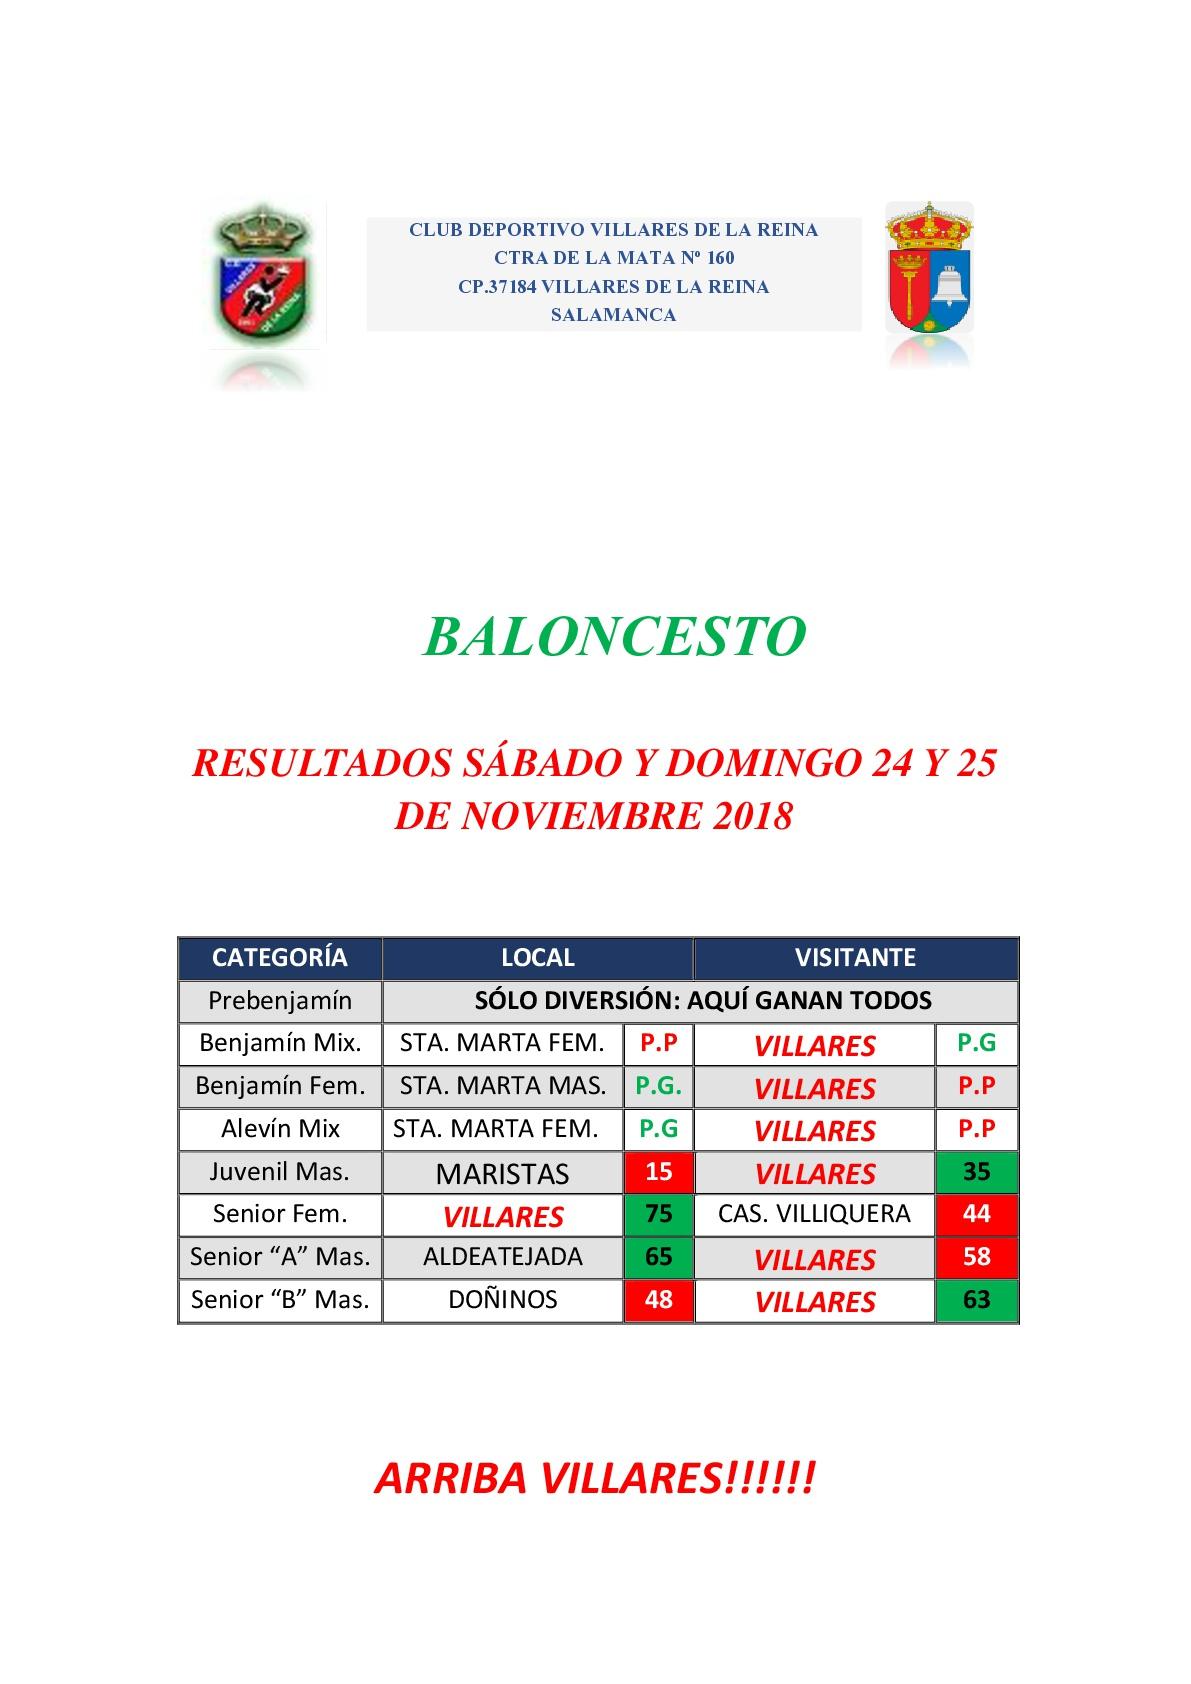 RESULTADOS DE BALONCESTO S�BADO 24 Y DOMINGO 25 DE NOVIEMBRE